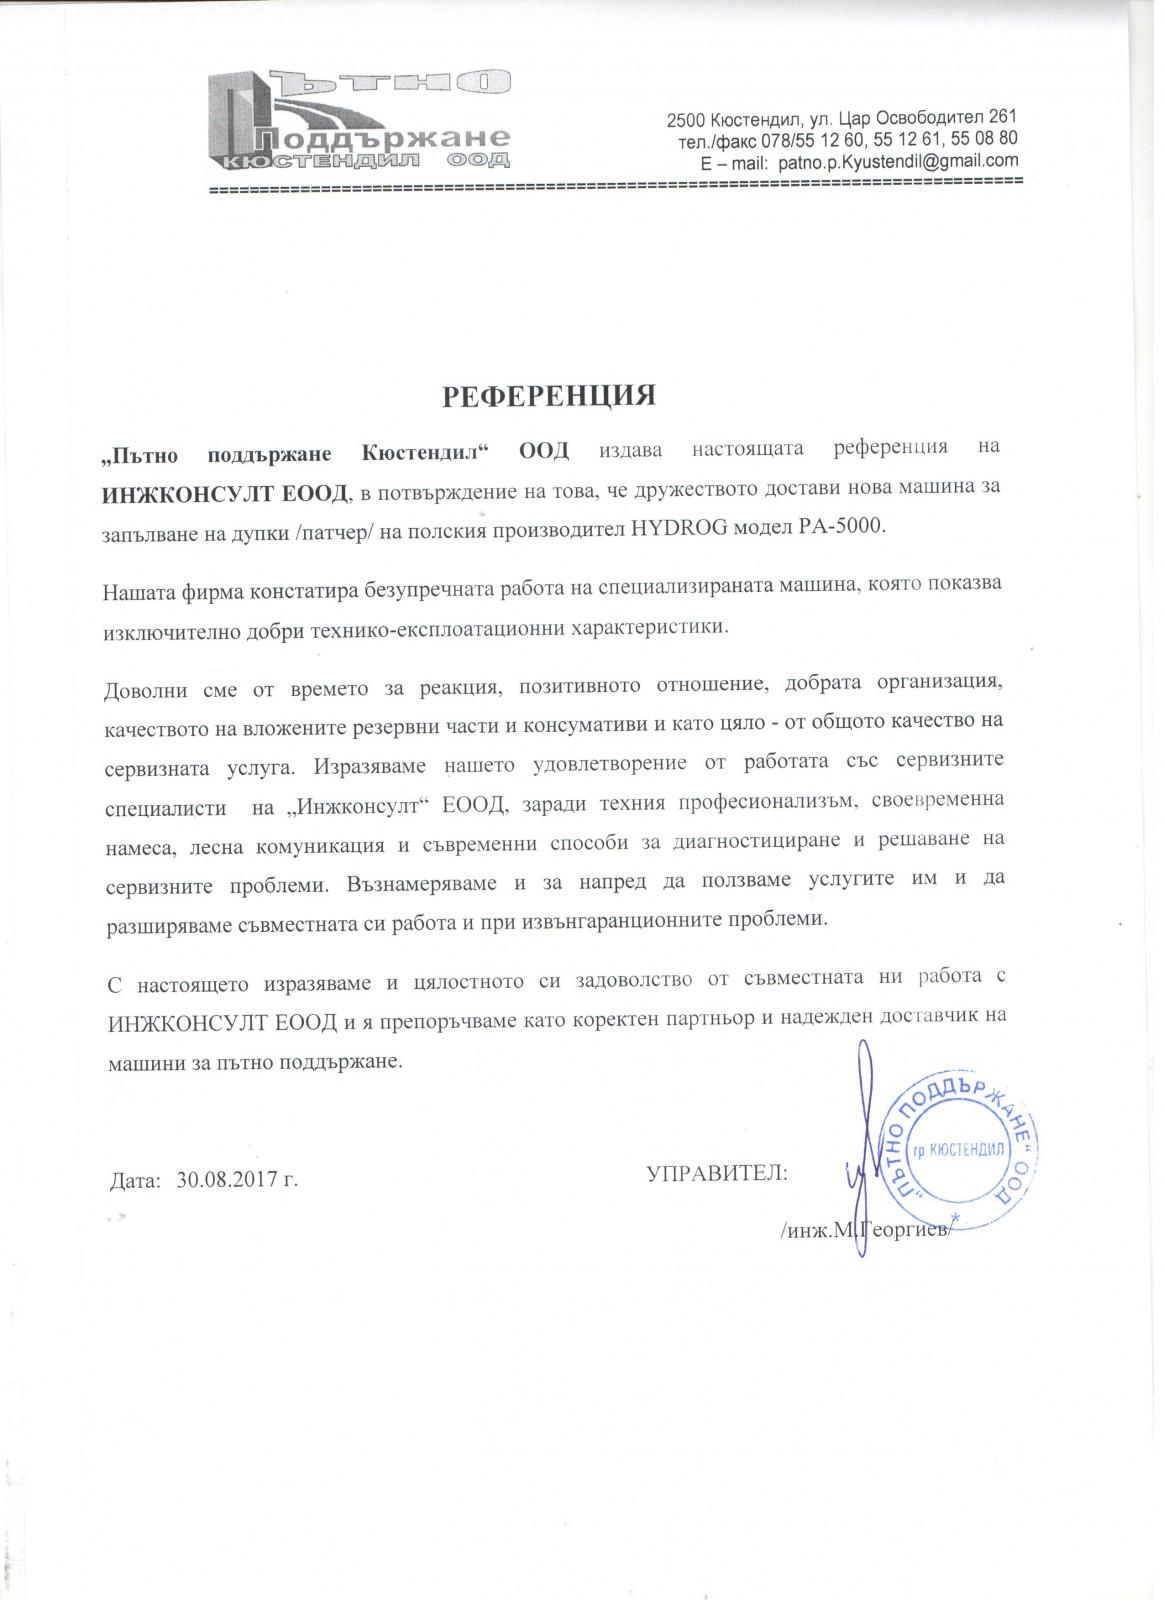 Patno Poddyrjane Kyustendil OOD